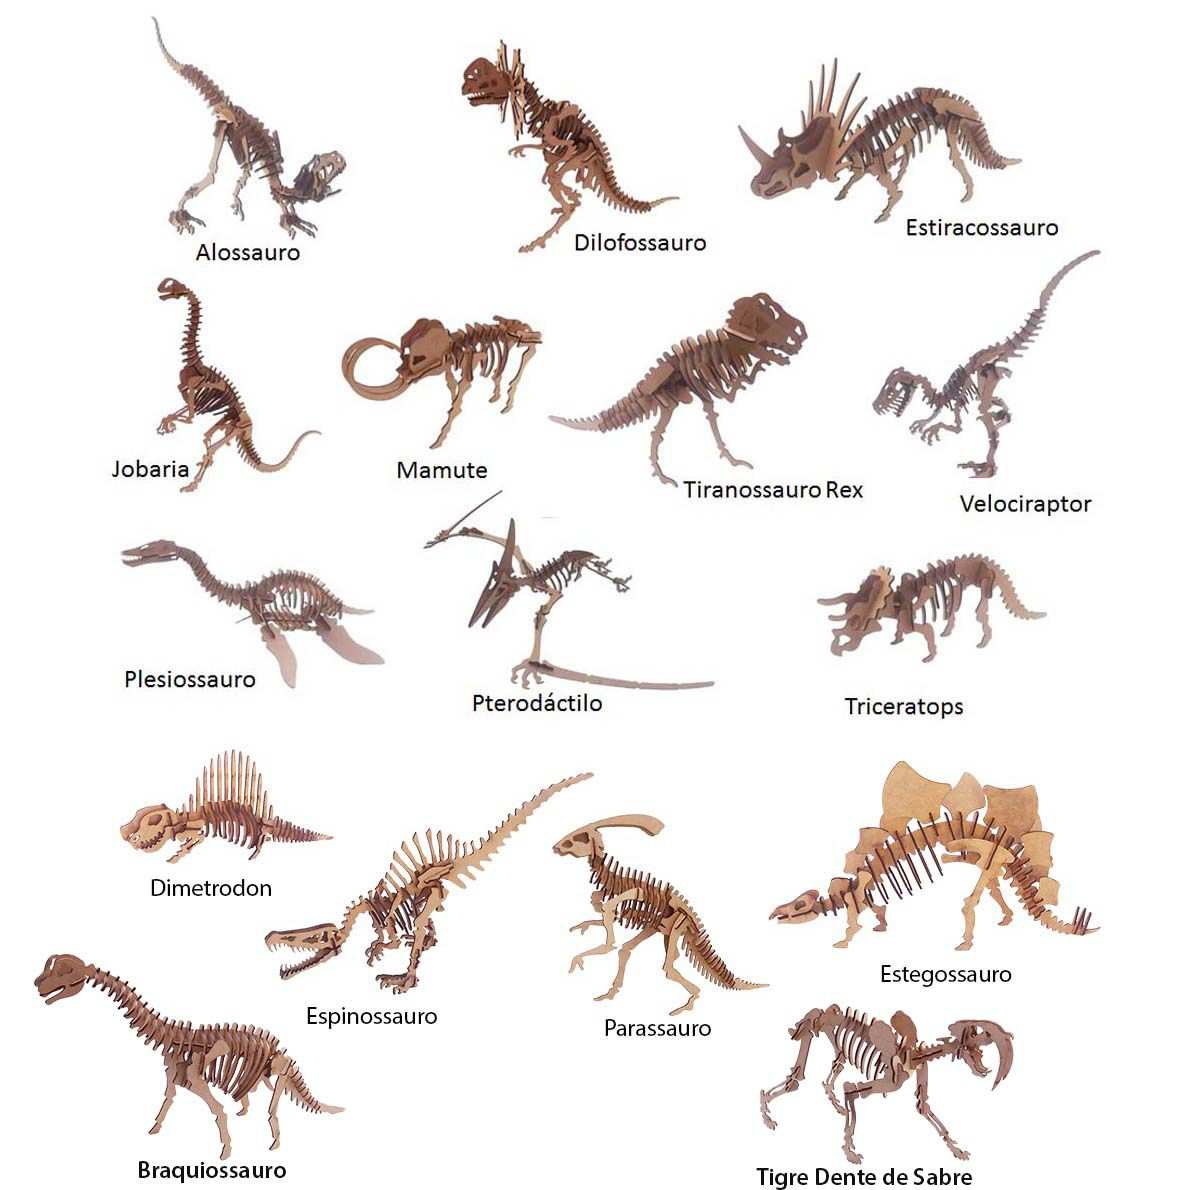 Kit 16 dinossauro mdf quebra cabeça 3d coleção dino jurassic